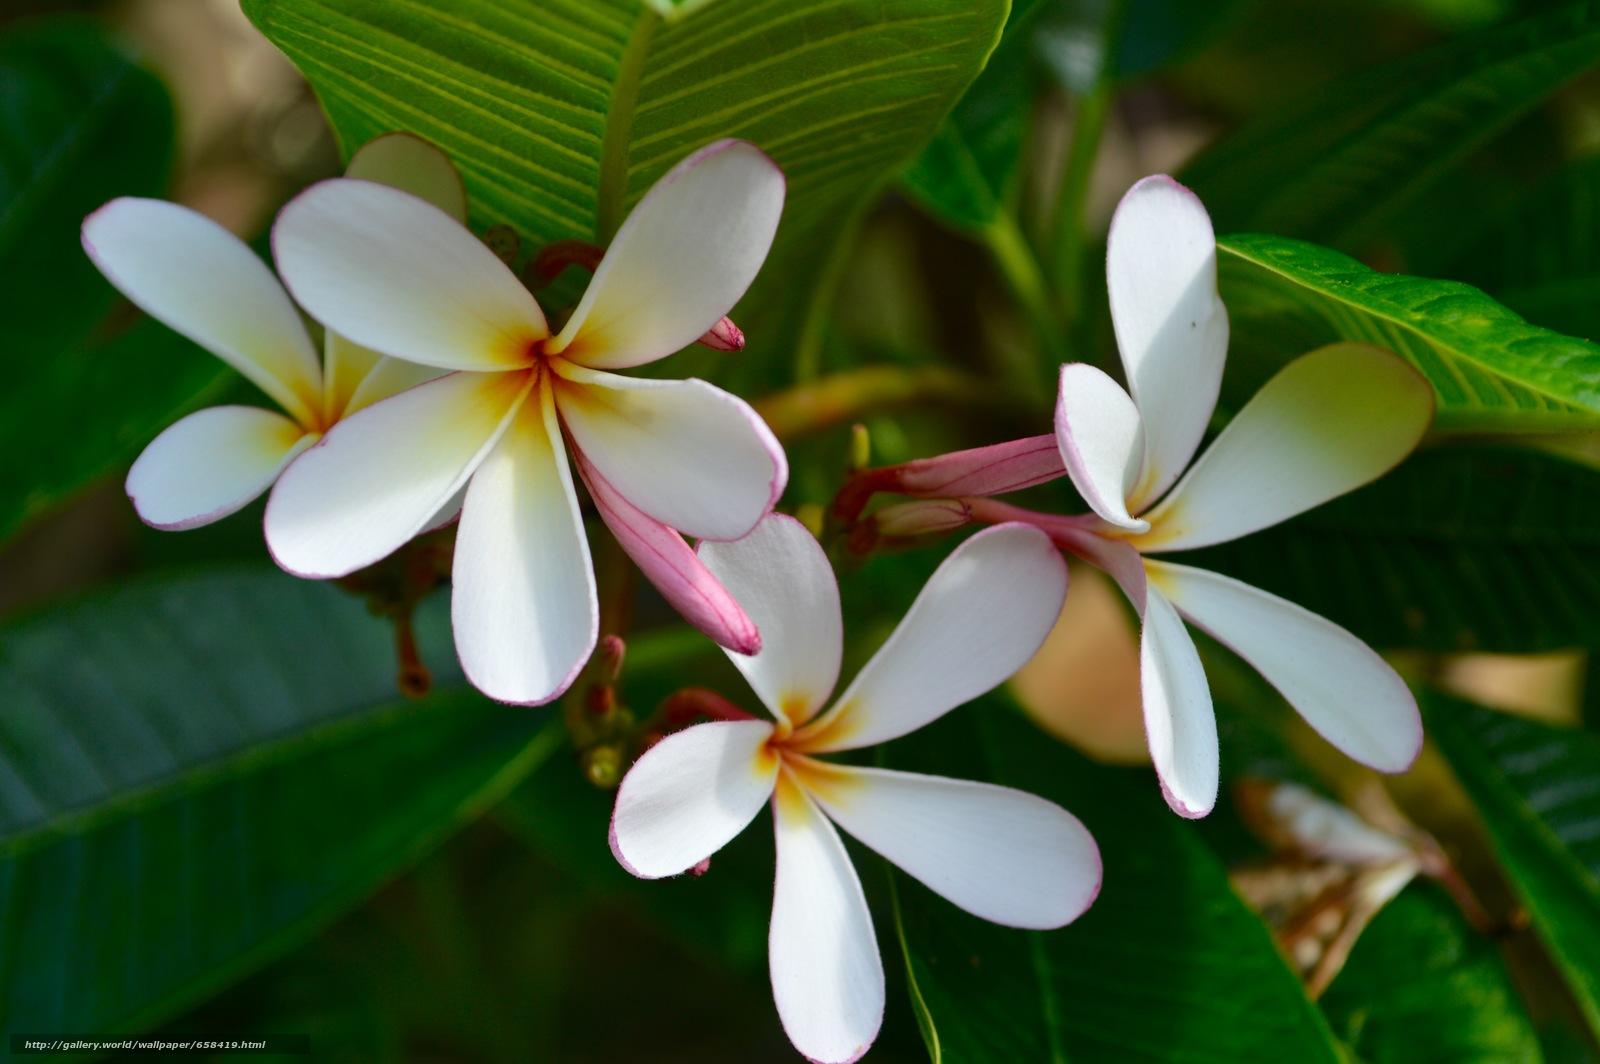 Скачать обои цветок,  цветы,  флора бесплатно для рабочего стола в разрешении 6016x4000 — картинка №658419